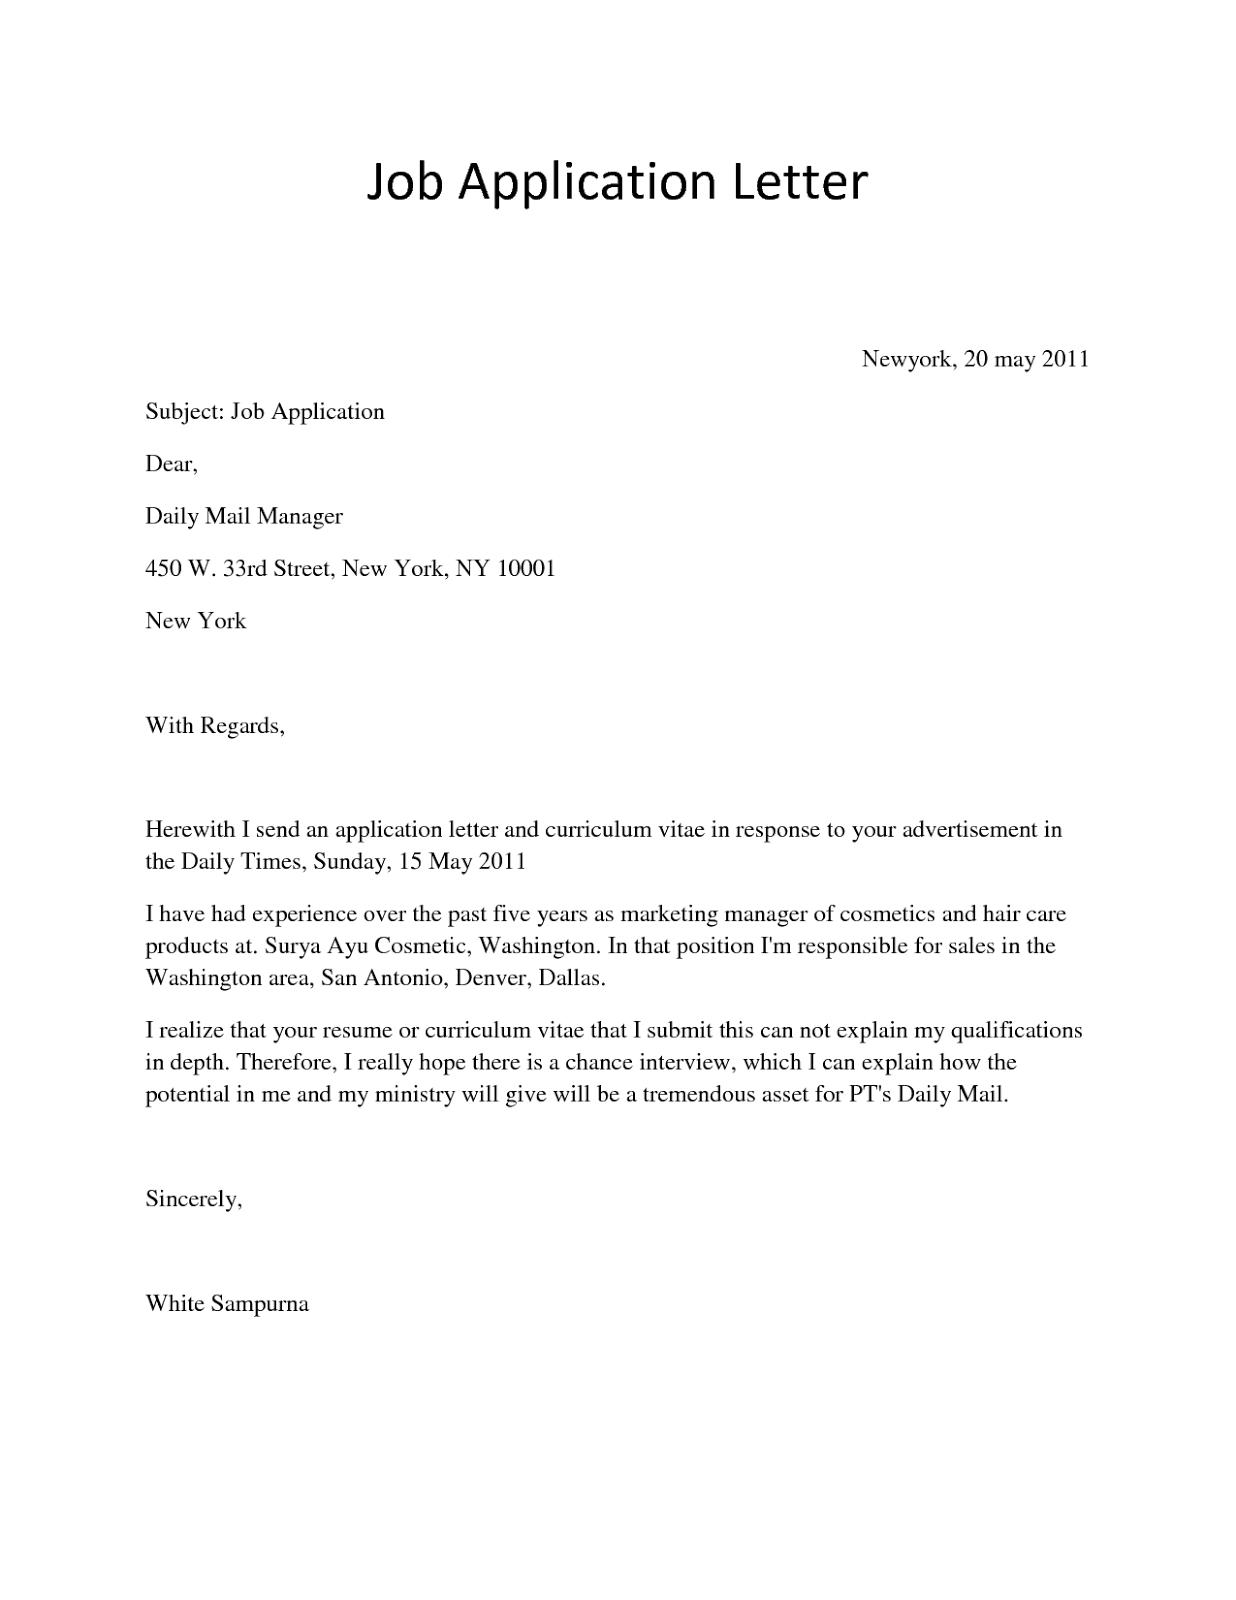 job application letter sample 9